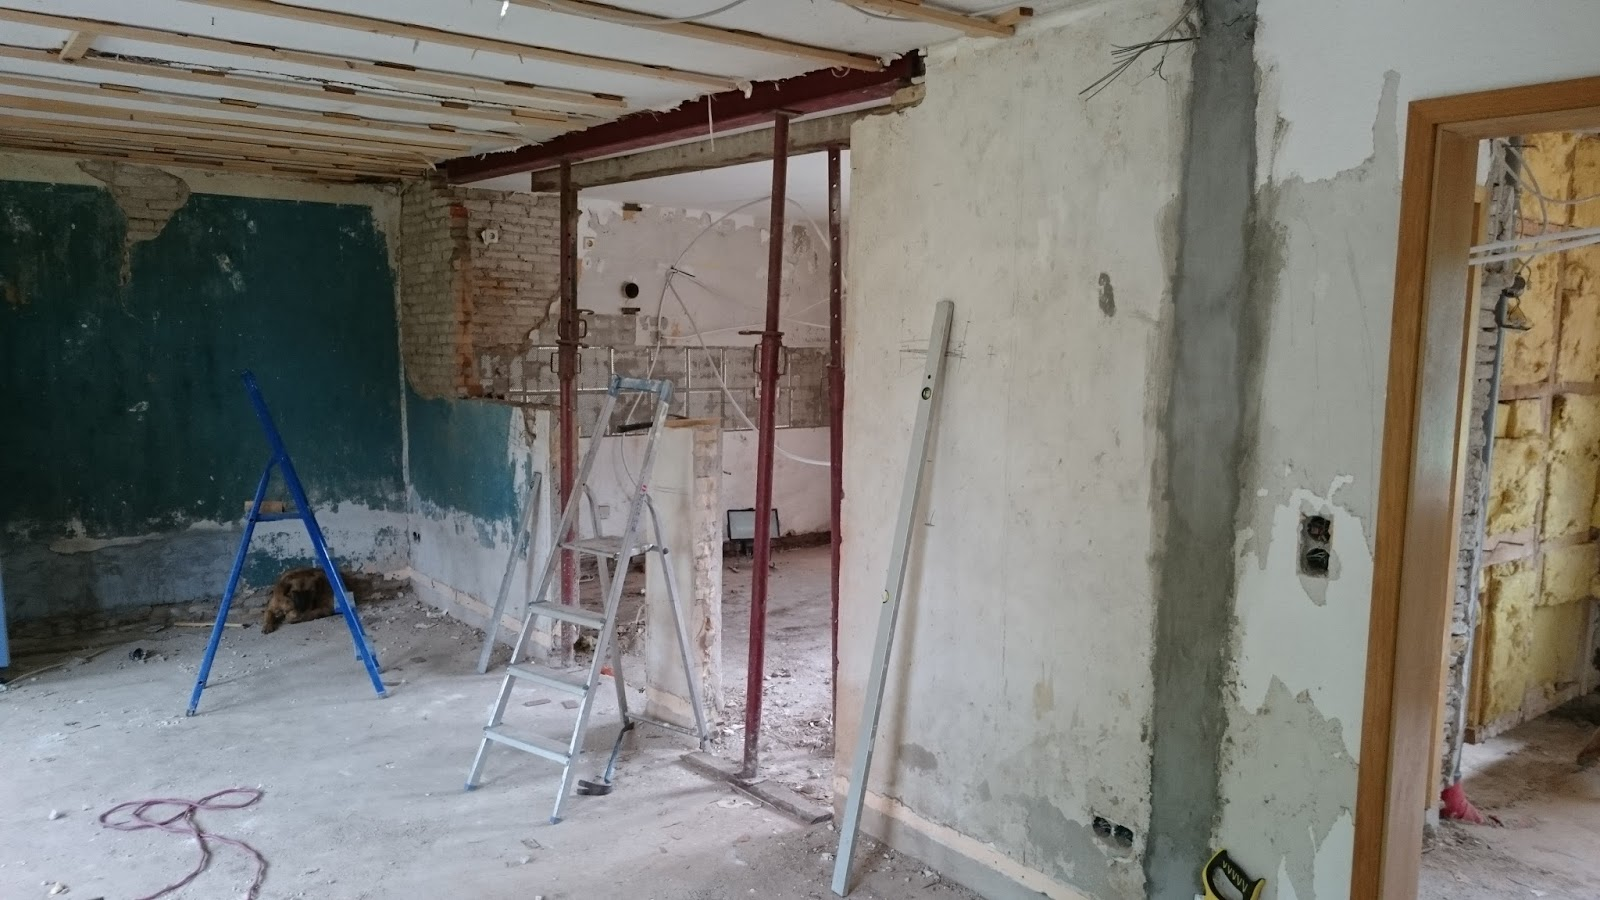 Inspirierend Durchbruch Wand Referenz Von Die Decke Wird Mit Drehsteifen Abgefangen, Anschließend